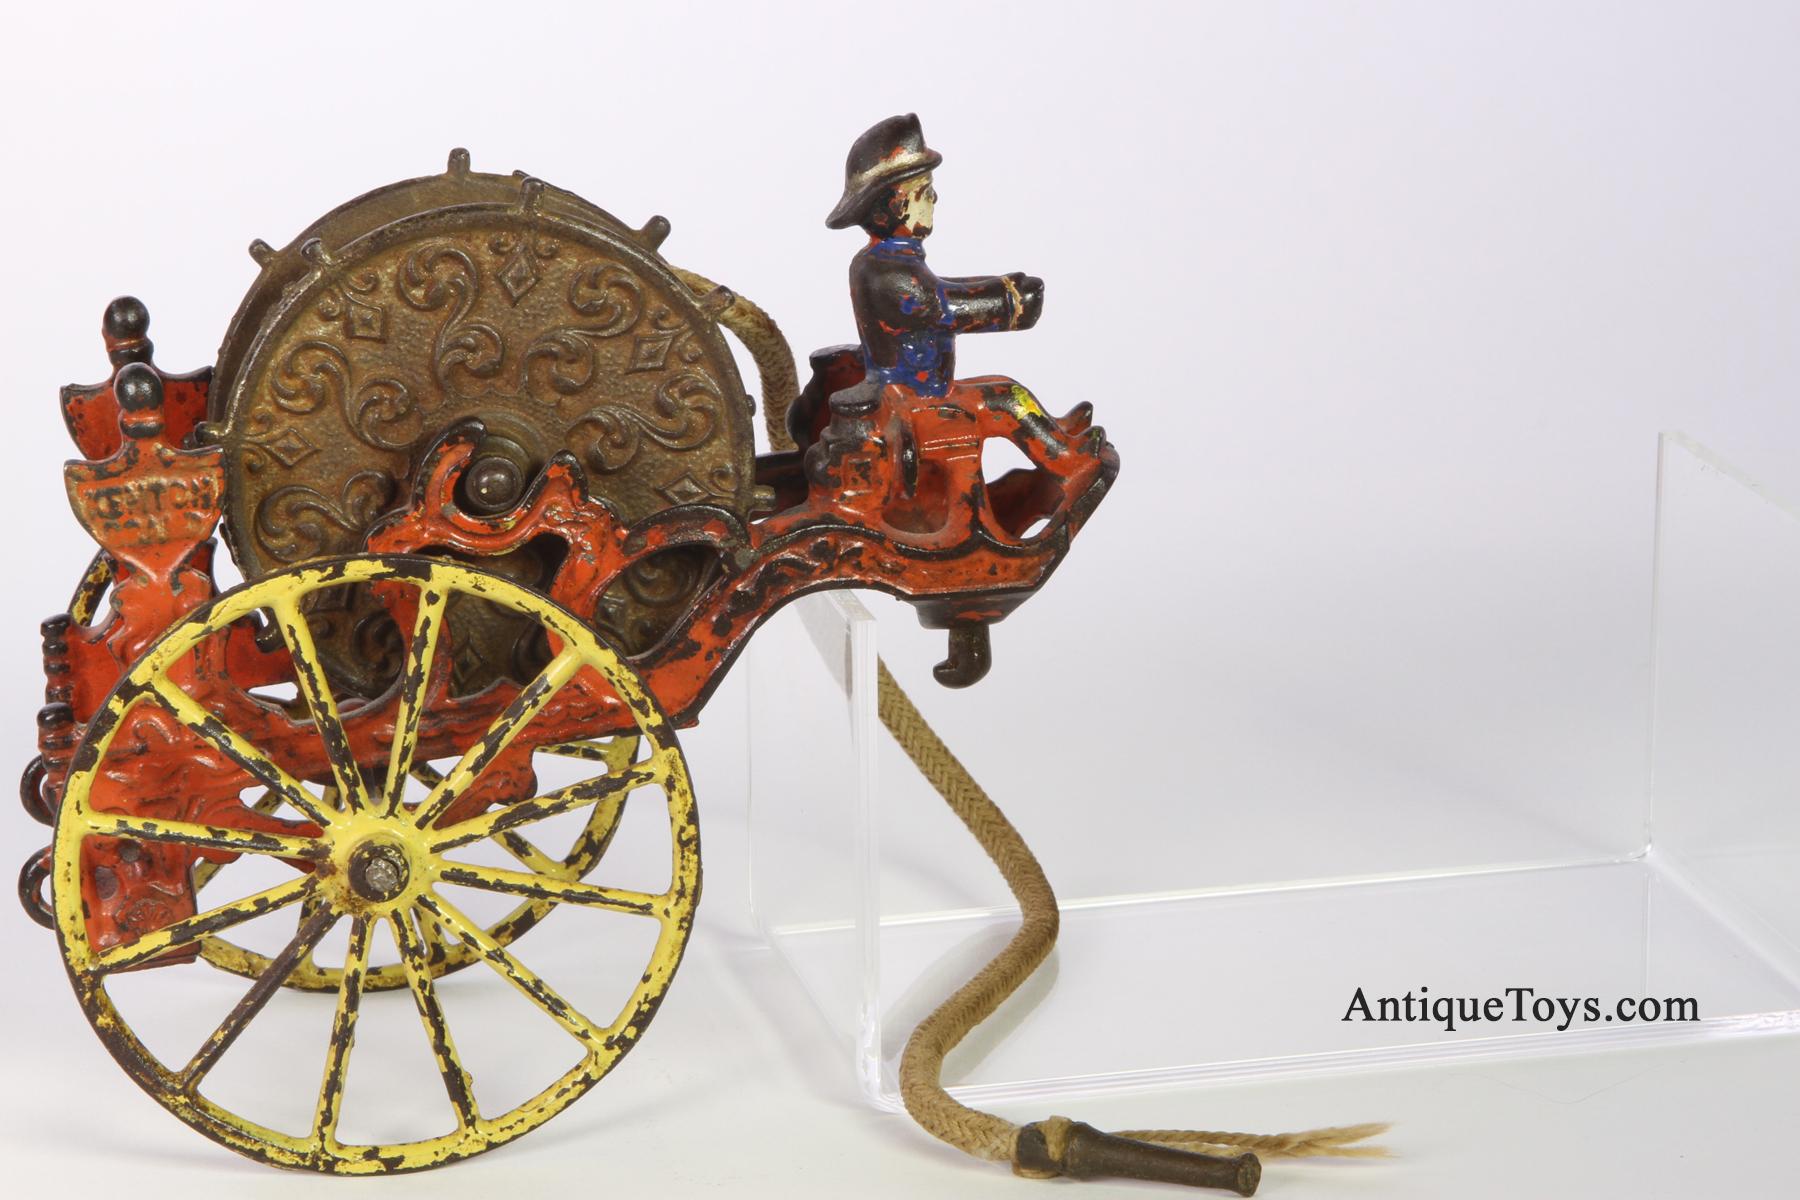 Kenton Toy for sale